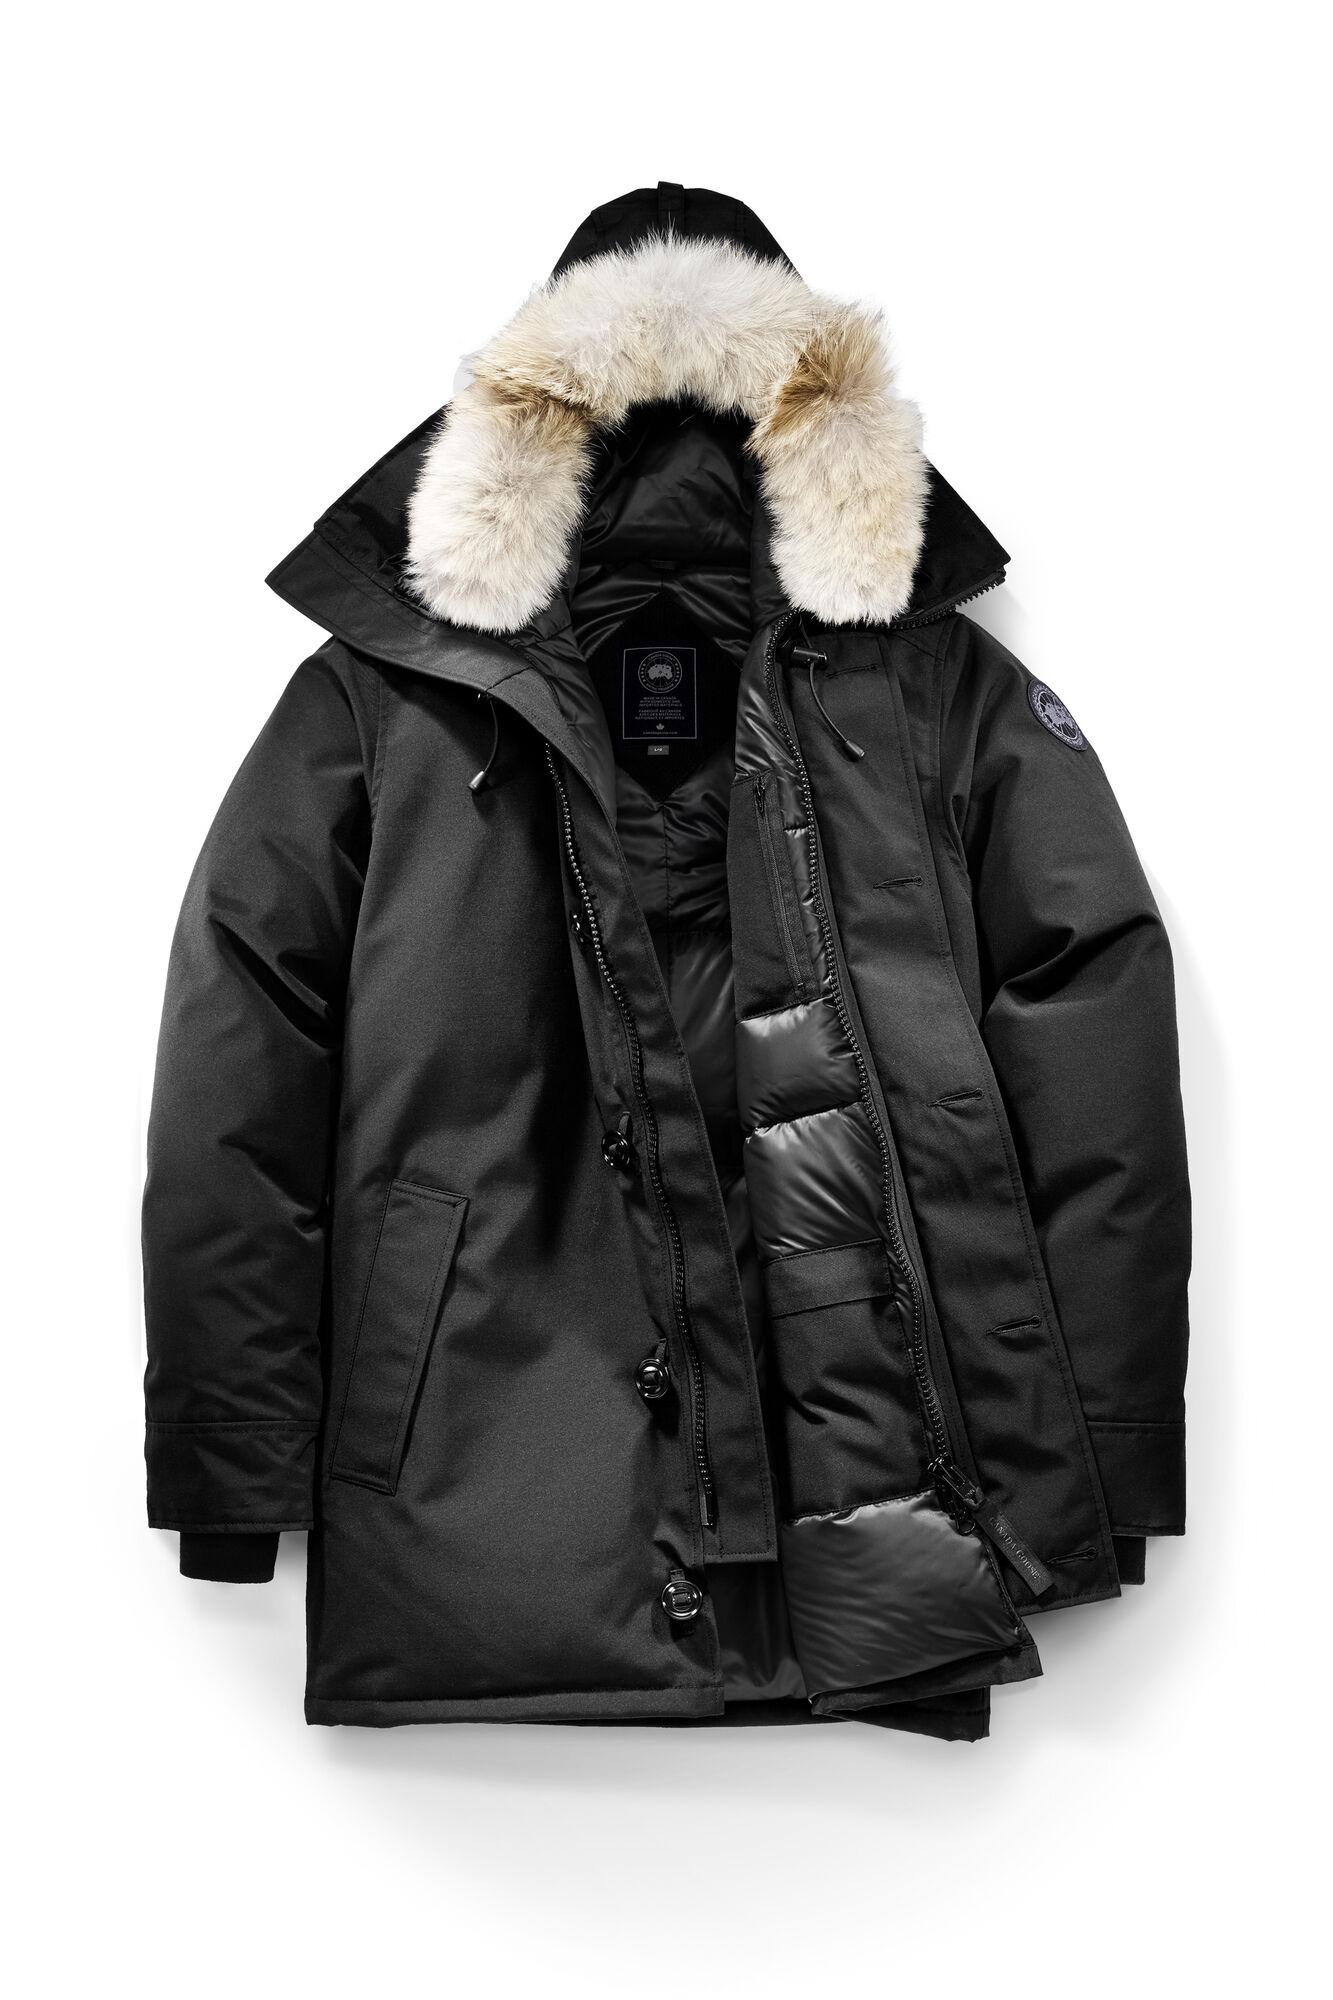 Black Canada Goose Coat